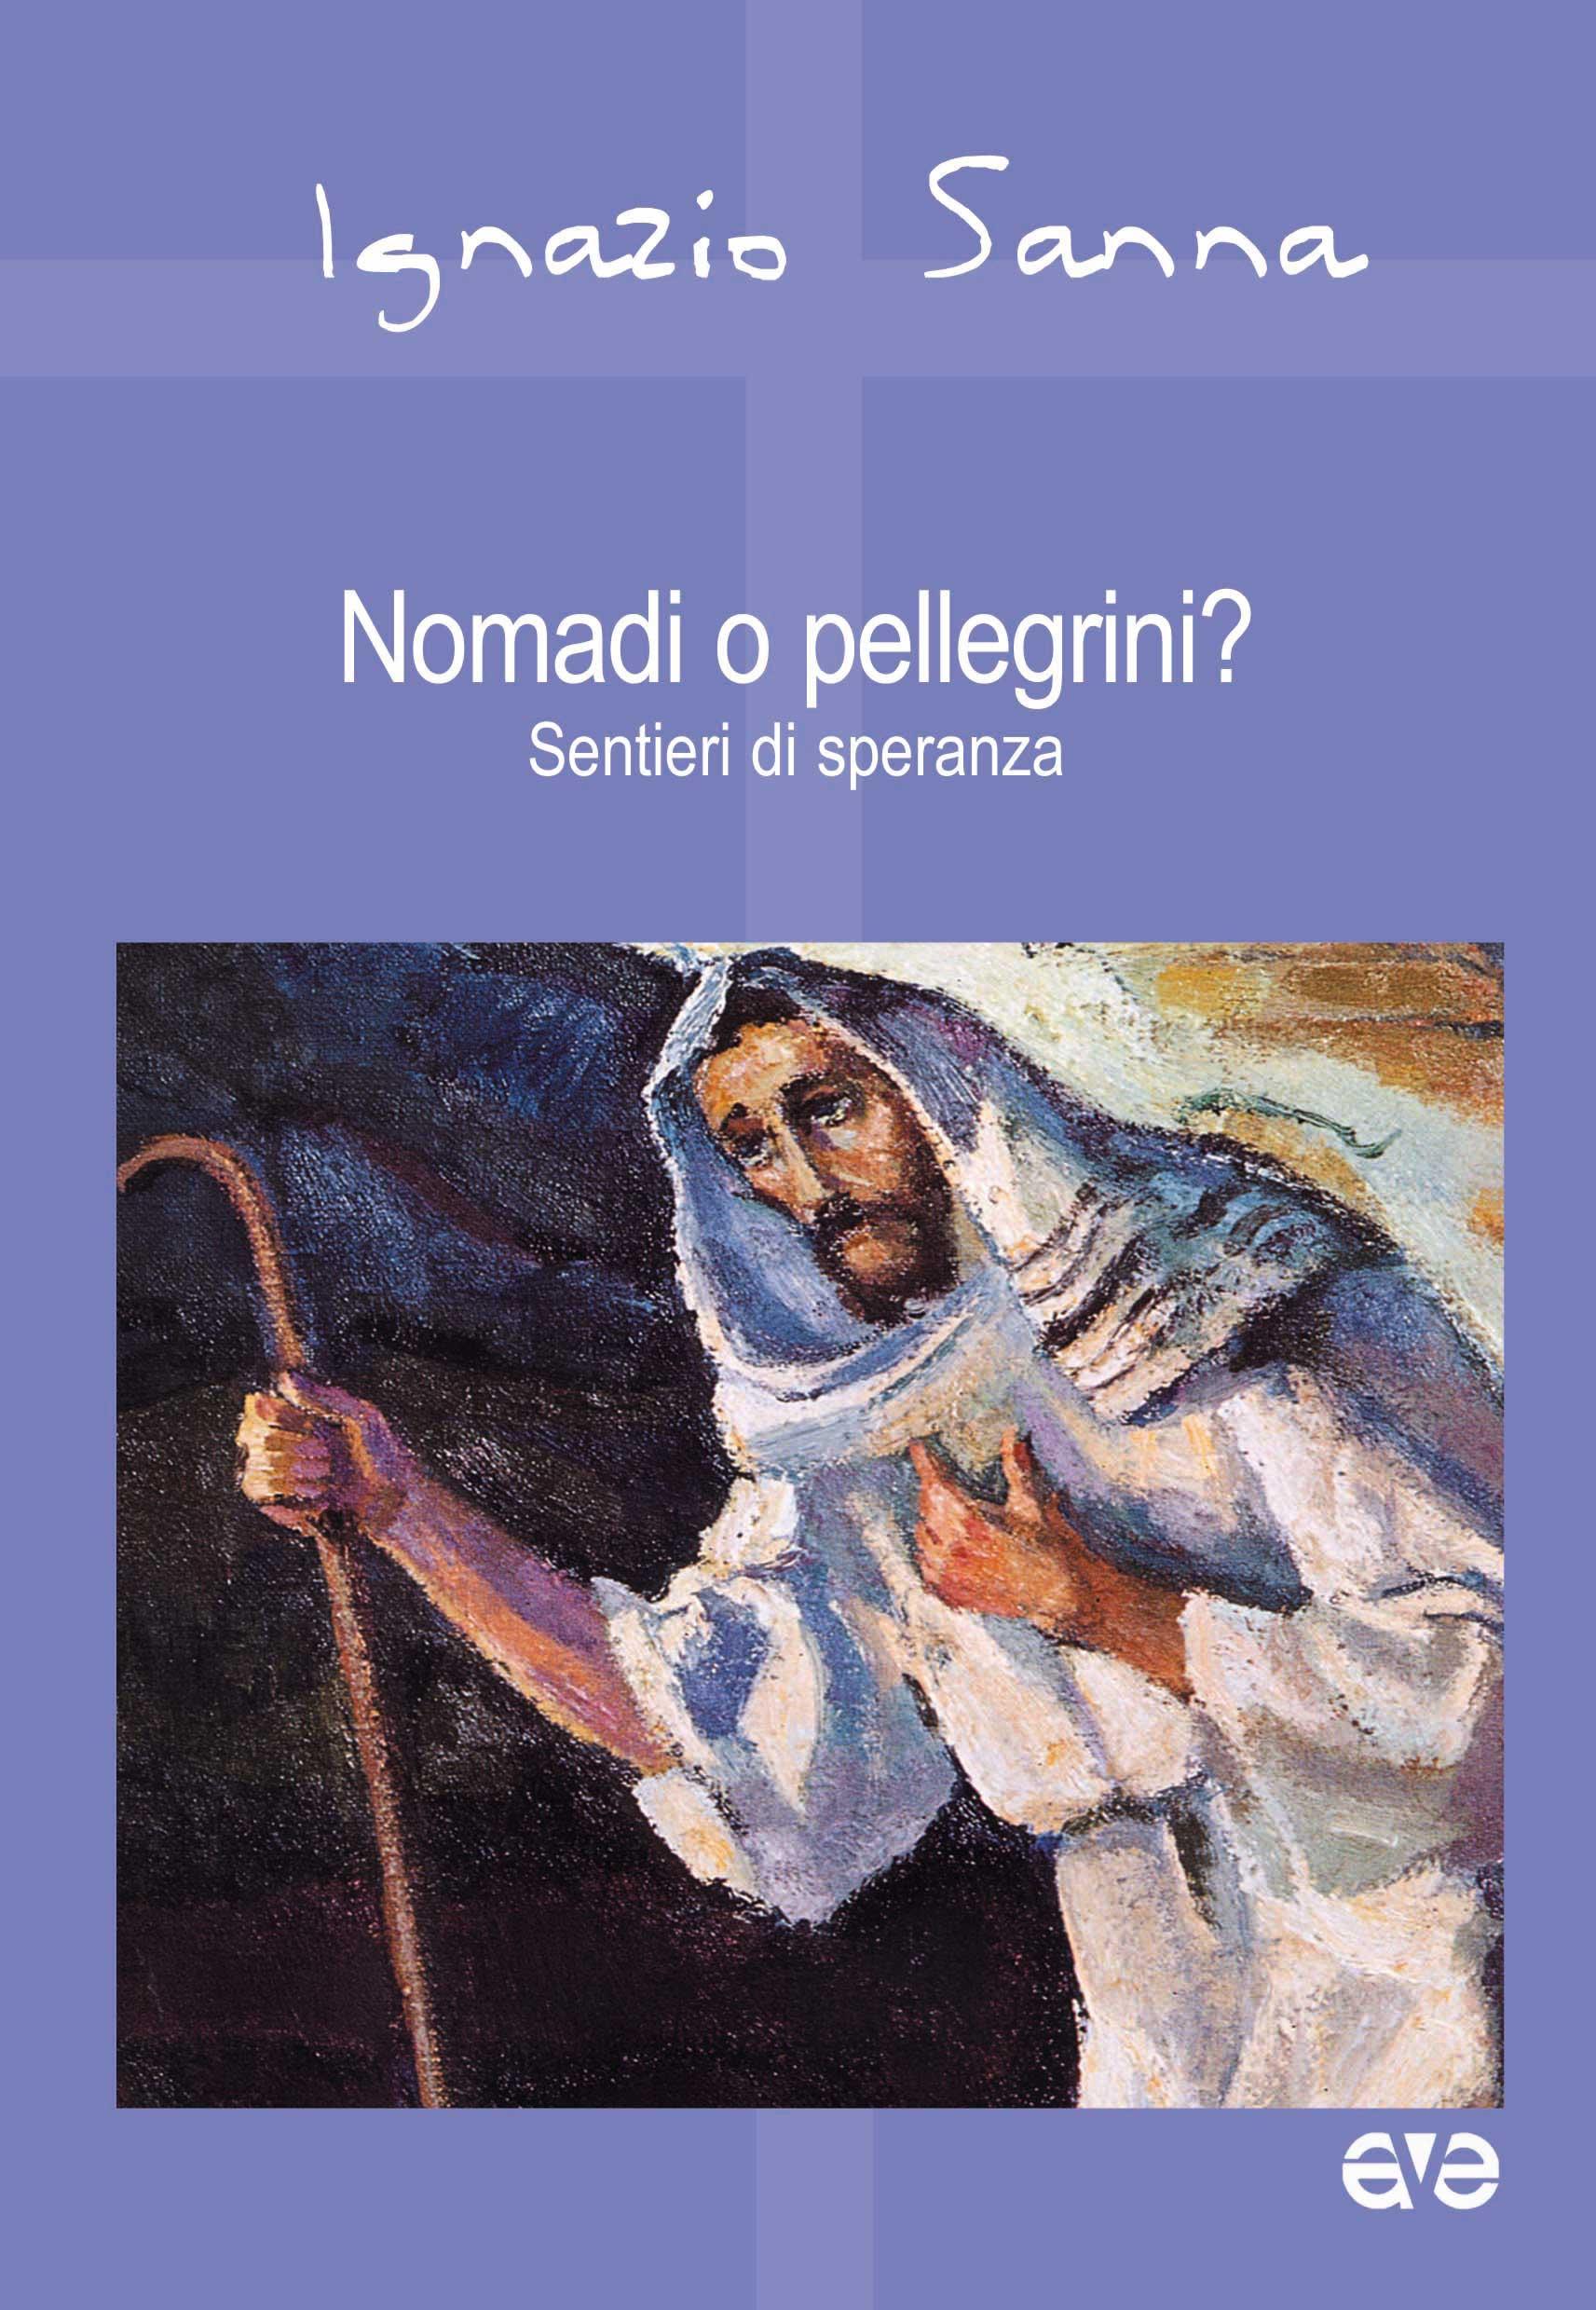 Nomadi o pellegrini?